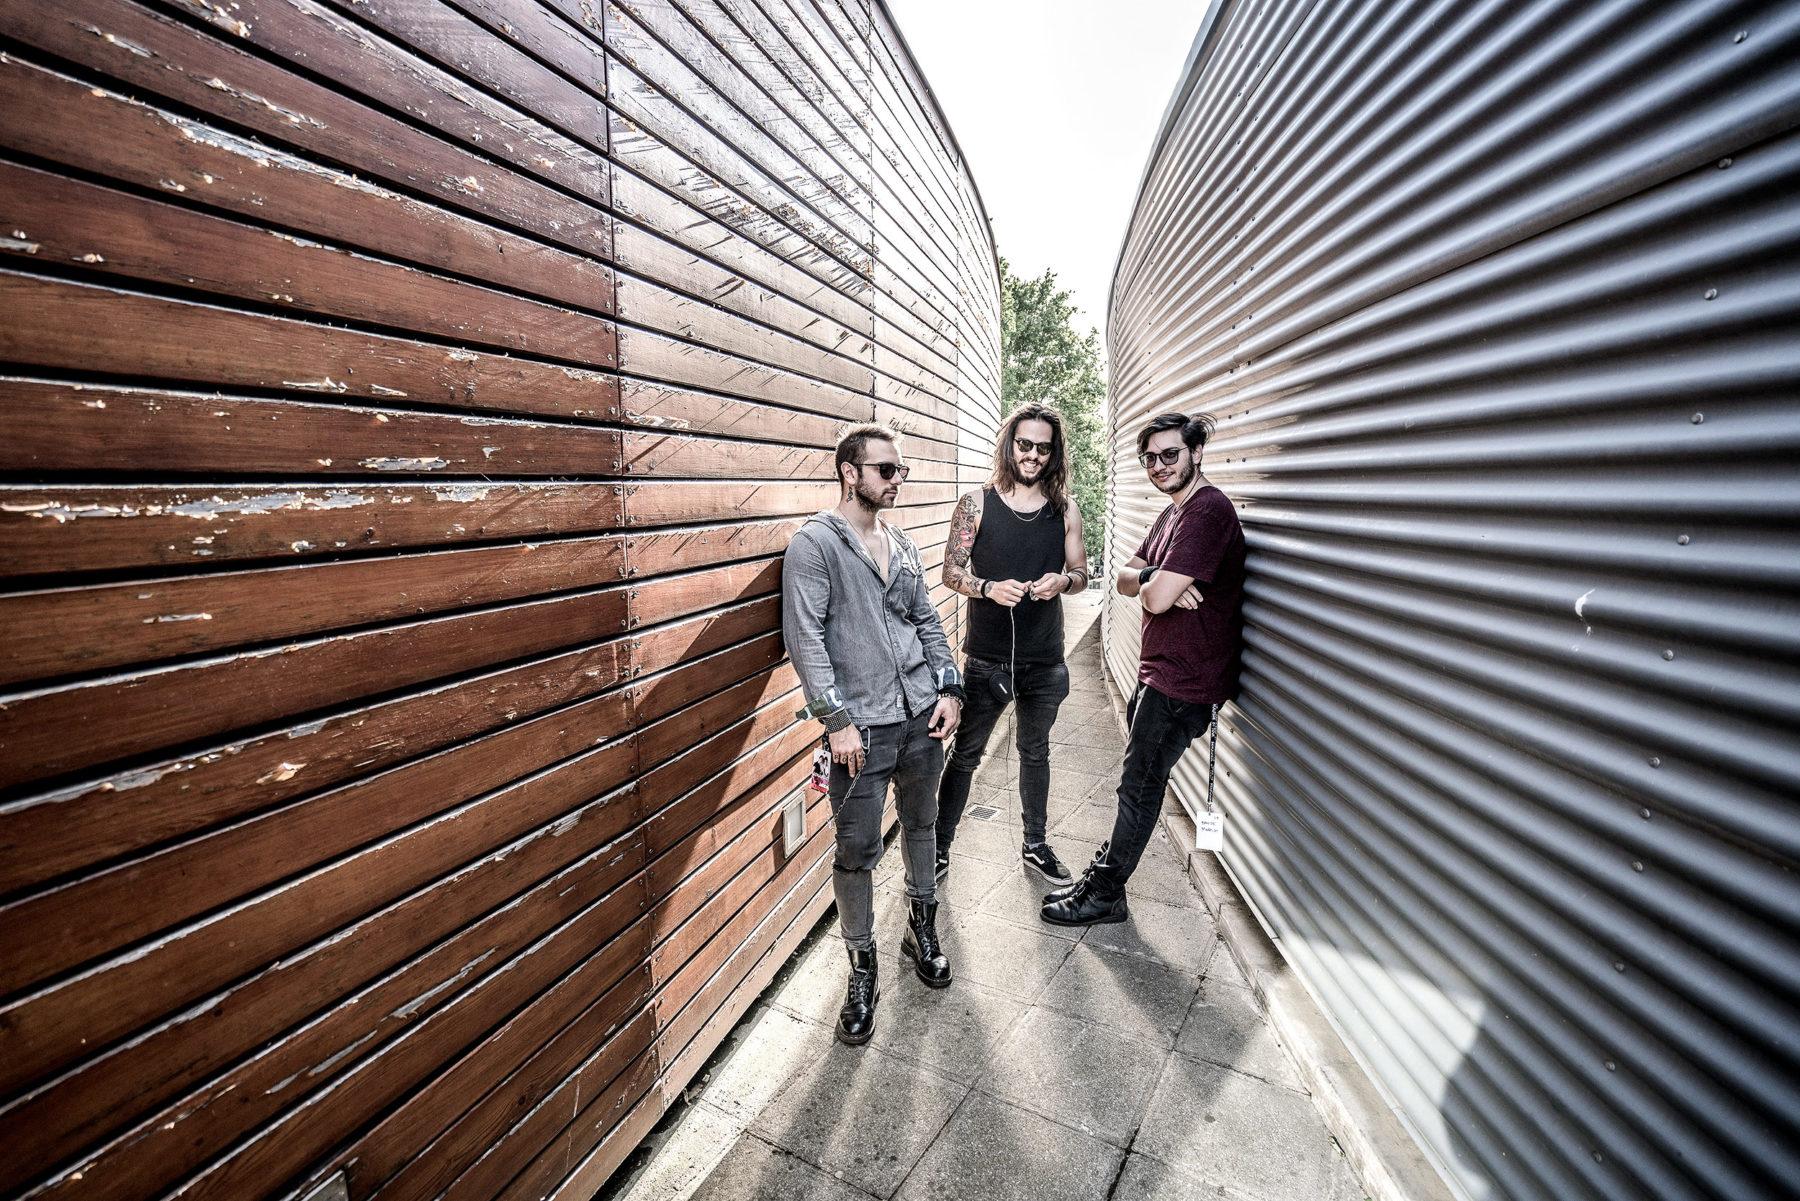 Benji e Fede bandFrancesco Landi, Riccardo Lodi, Davide Marchi